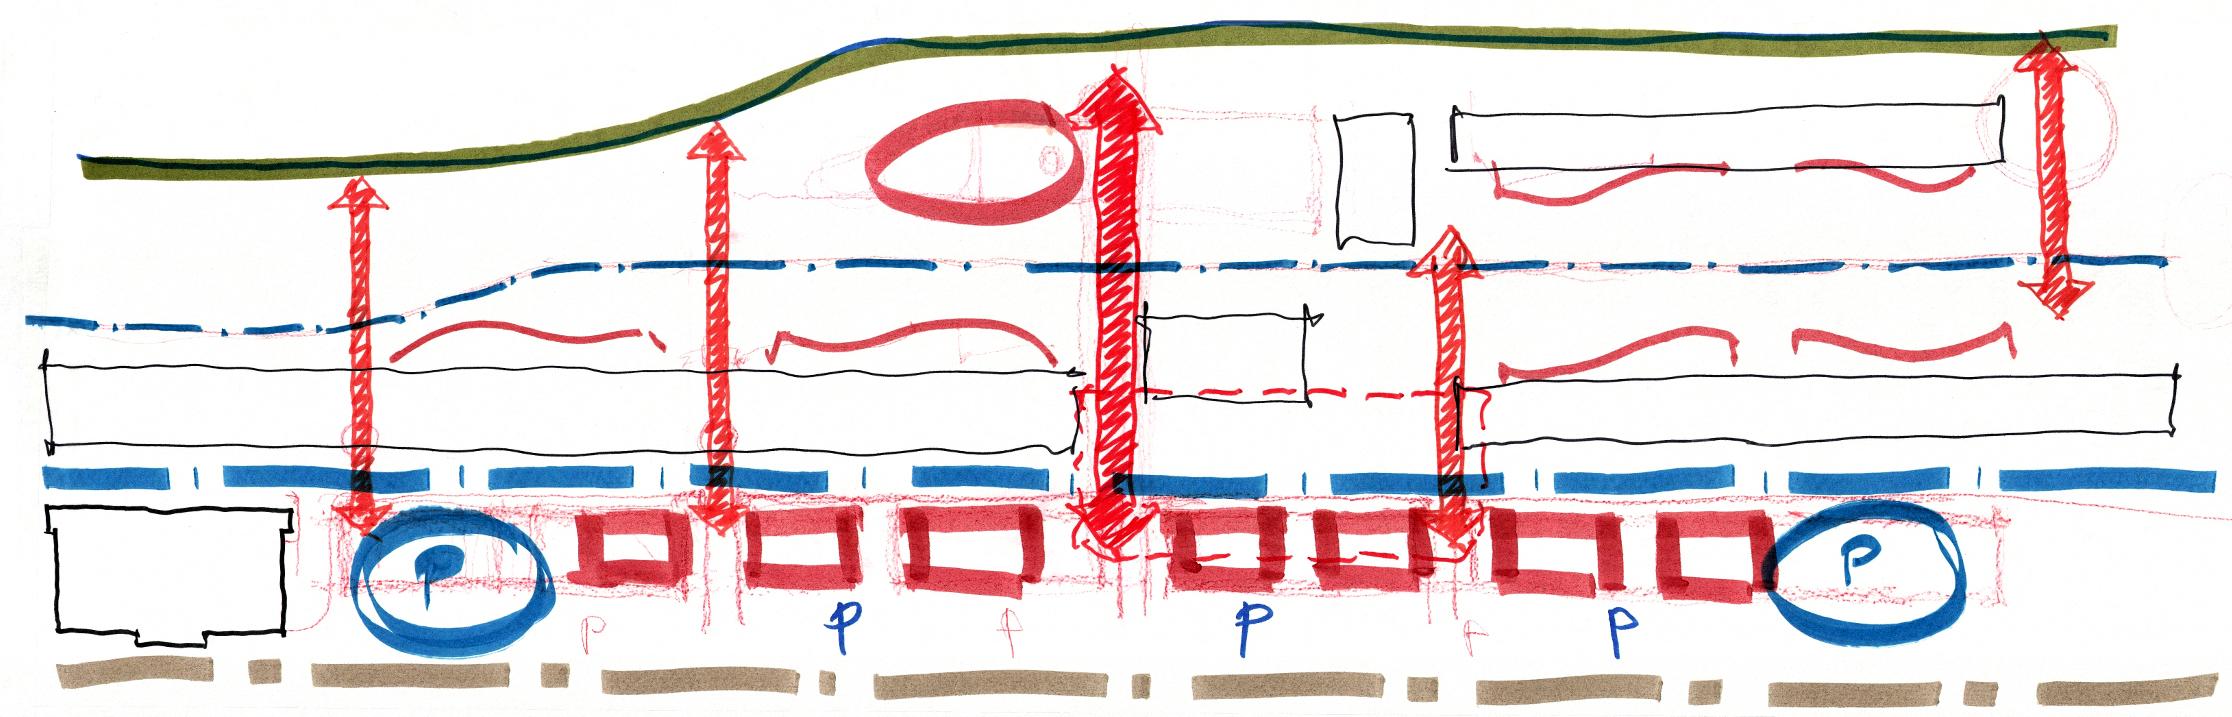 Riverwalk - Site Movement Diagrams